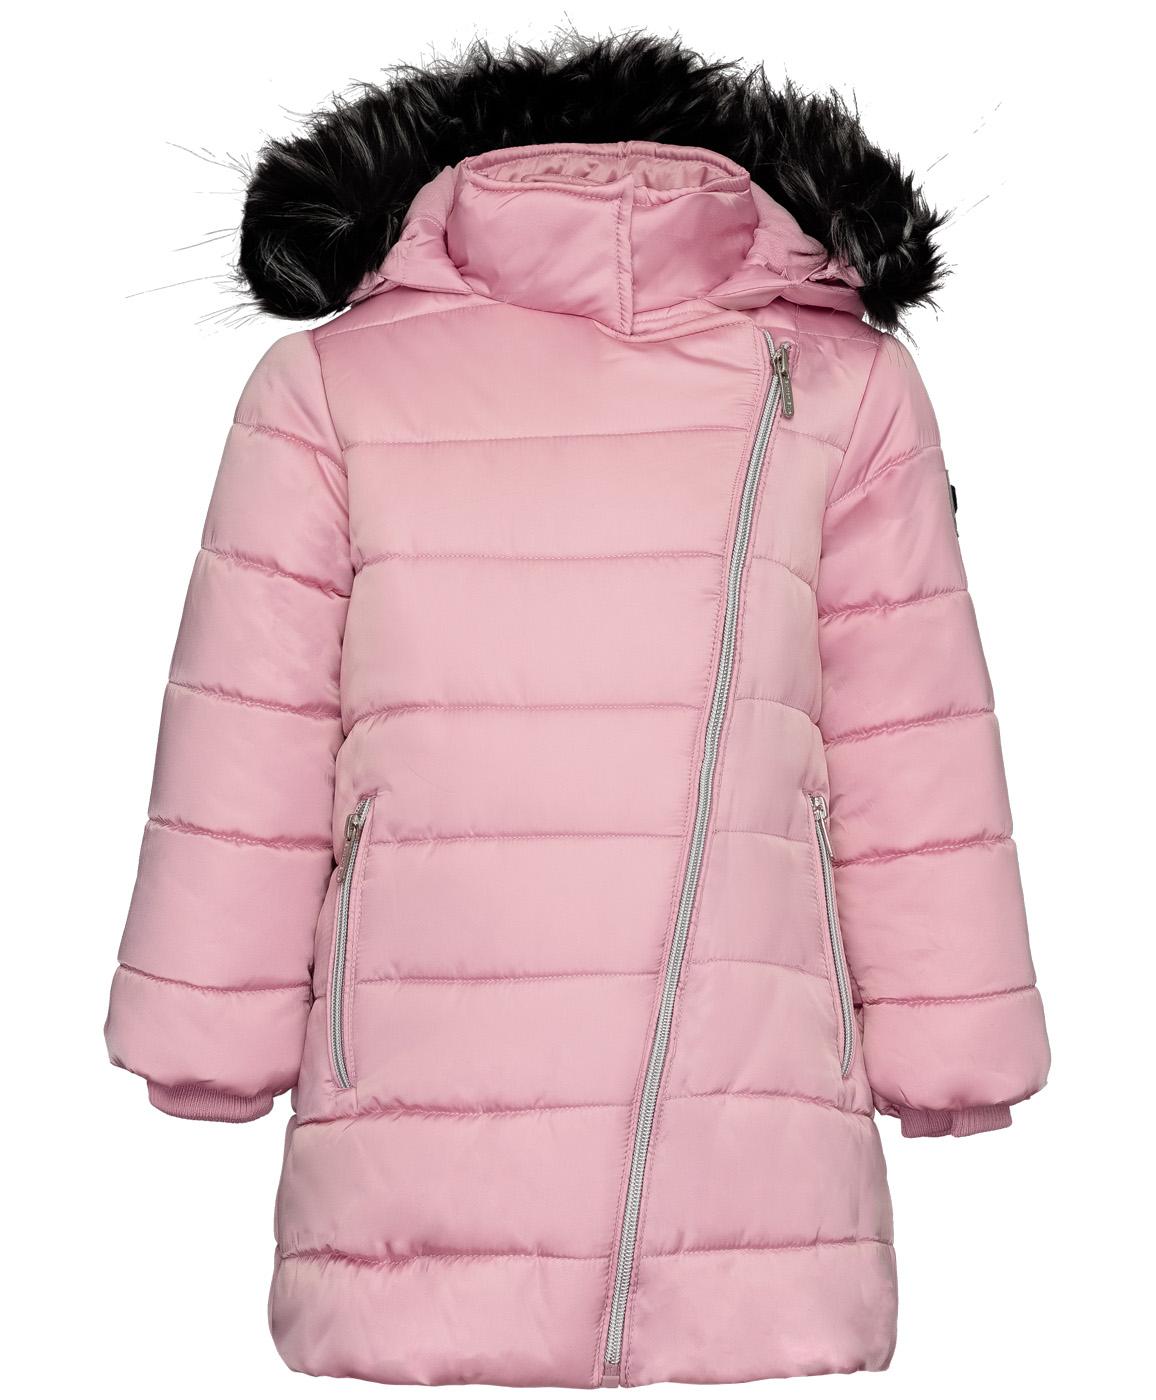 Купить 219BBGC45011200, Розовое зимнее пальто Button Blue, розовый, 110, Женский, ОСЕНЬ/ЗИМА 2019-2020 (shop: GulliverMarket Gulliver Market)